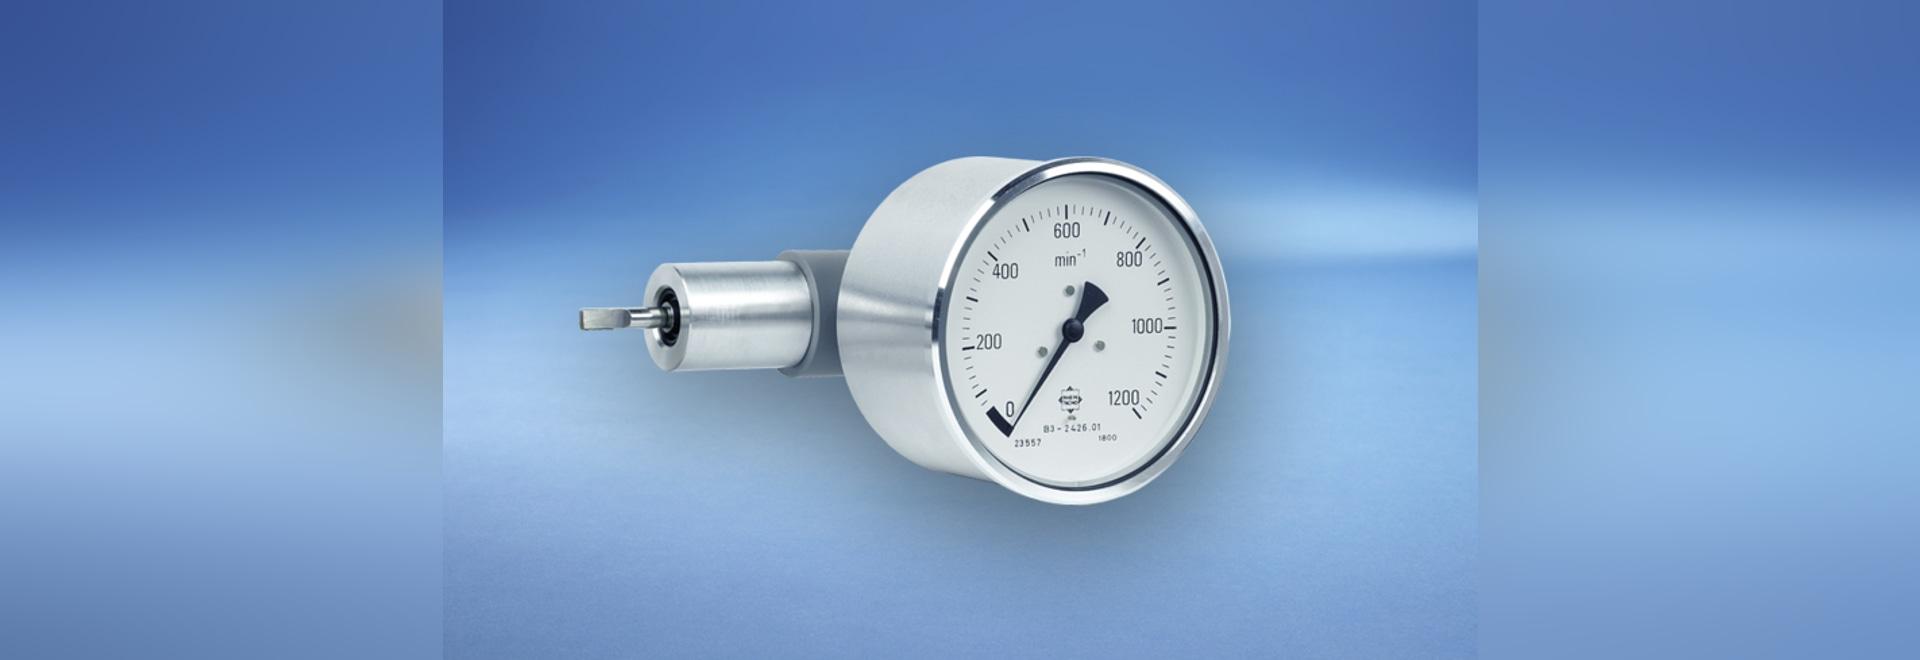 RHEINTACHO eddy-current tachometer